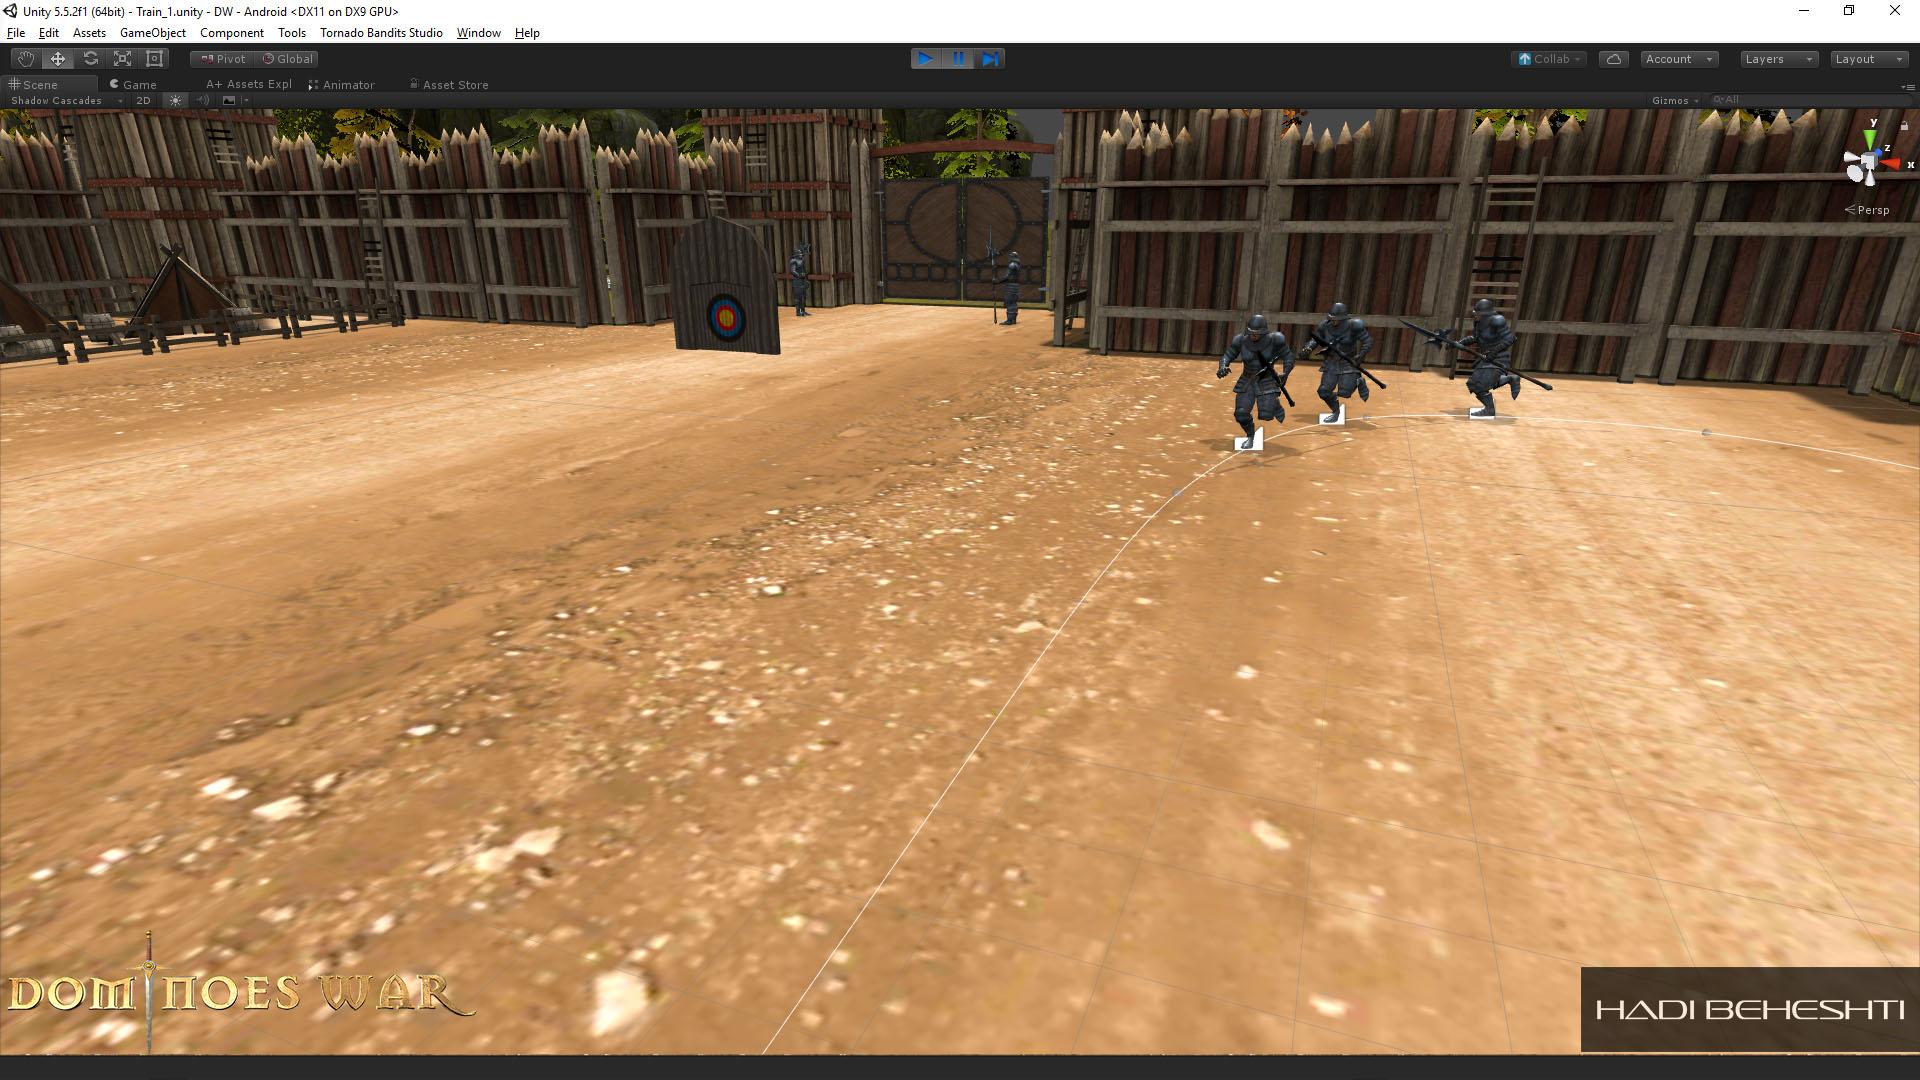 Dominoes War Game Garrison Scene Hadi Beheshti CG Artist-4